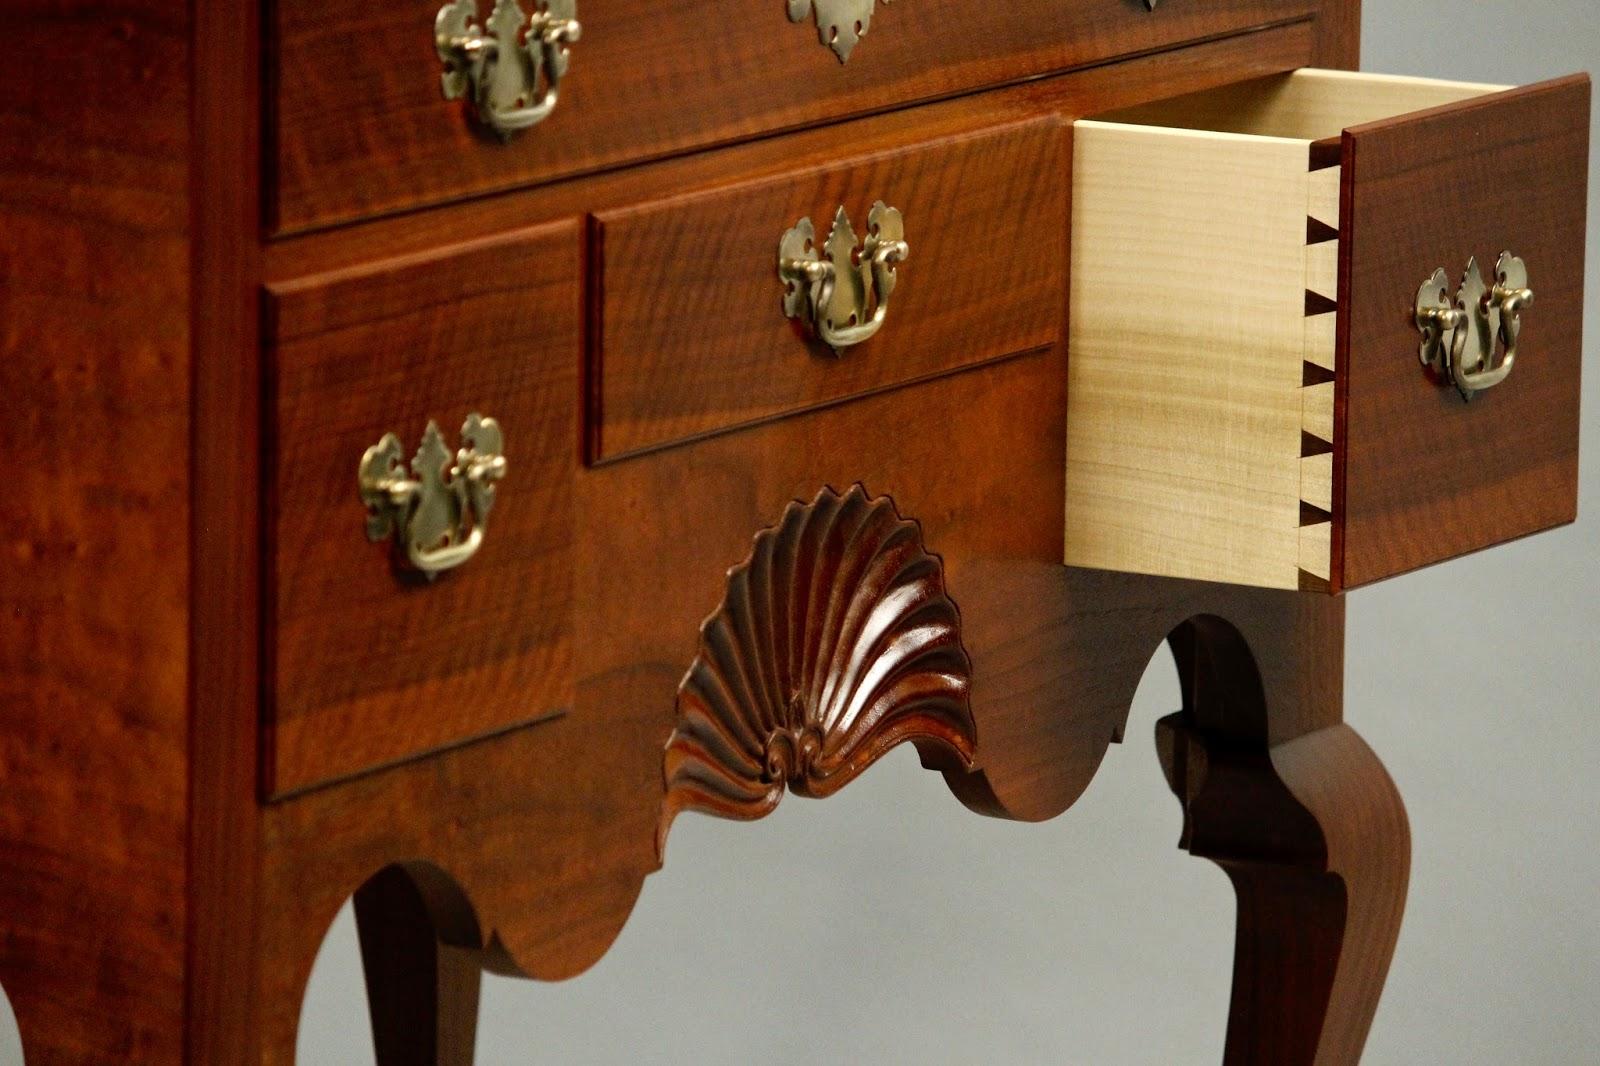 Fine Handmade Furniture